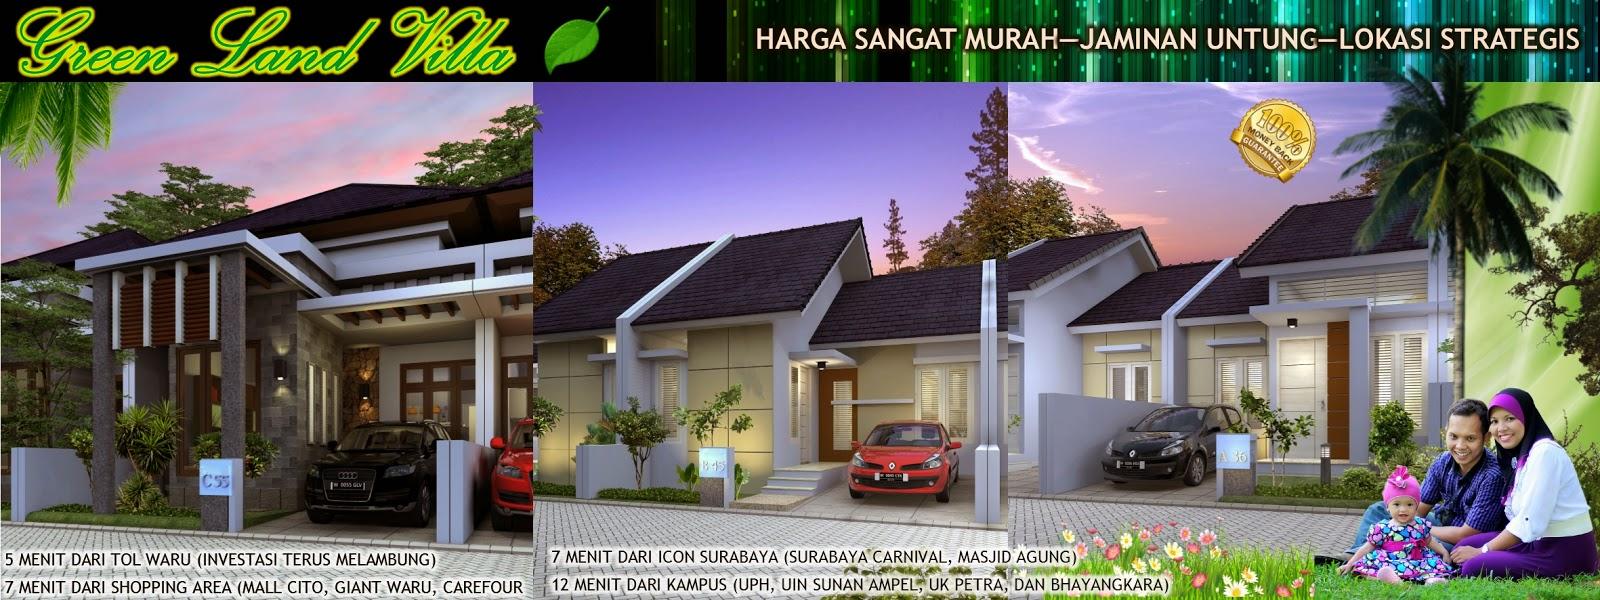 Hasil Jasa Desain Rumah Minimalis - Perumahan Green Land Villa - Banner